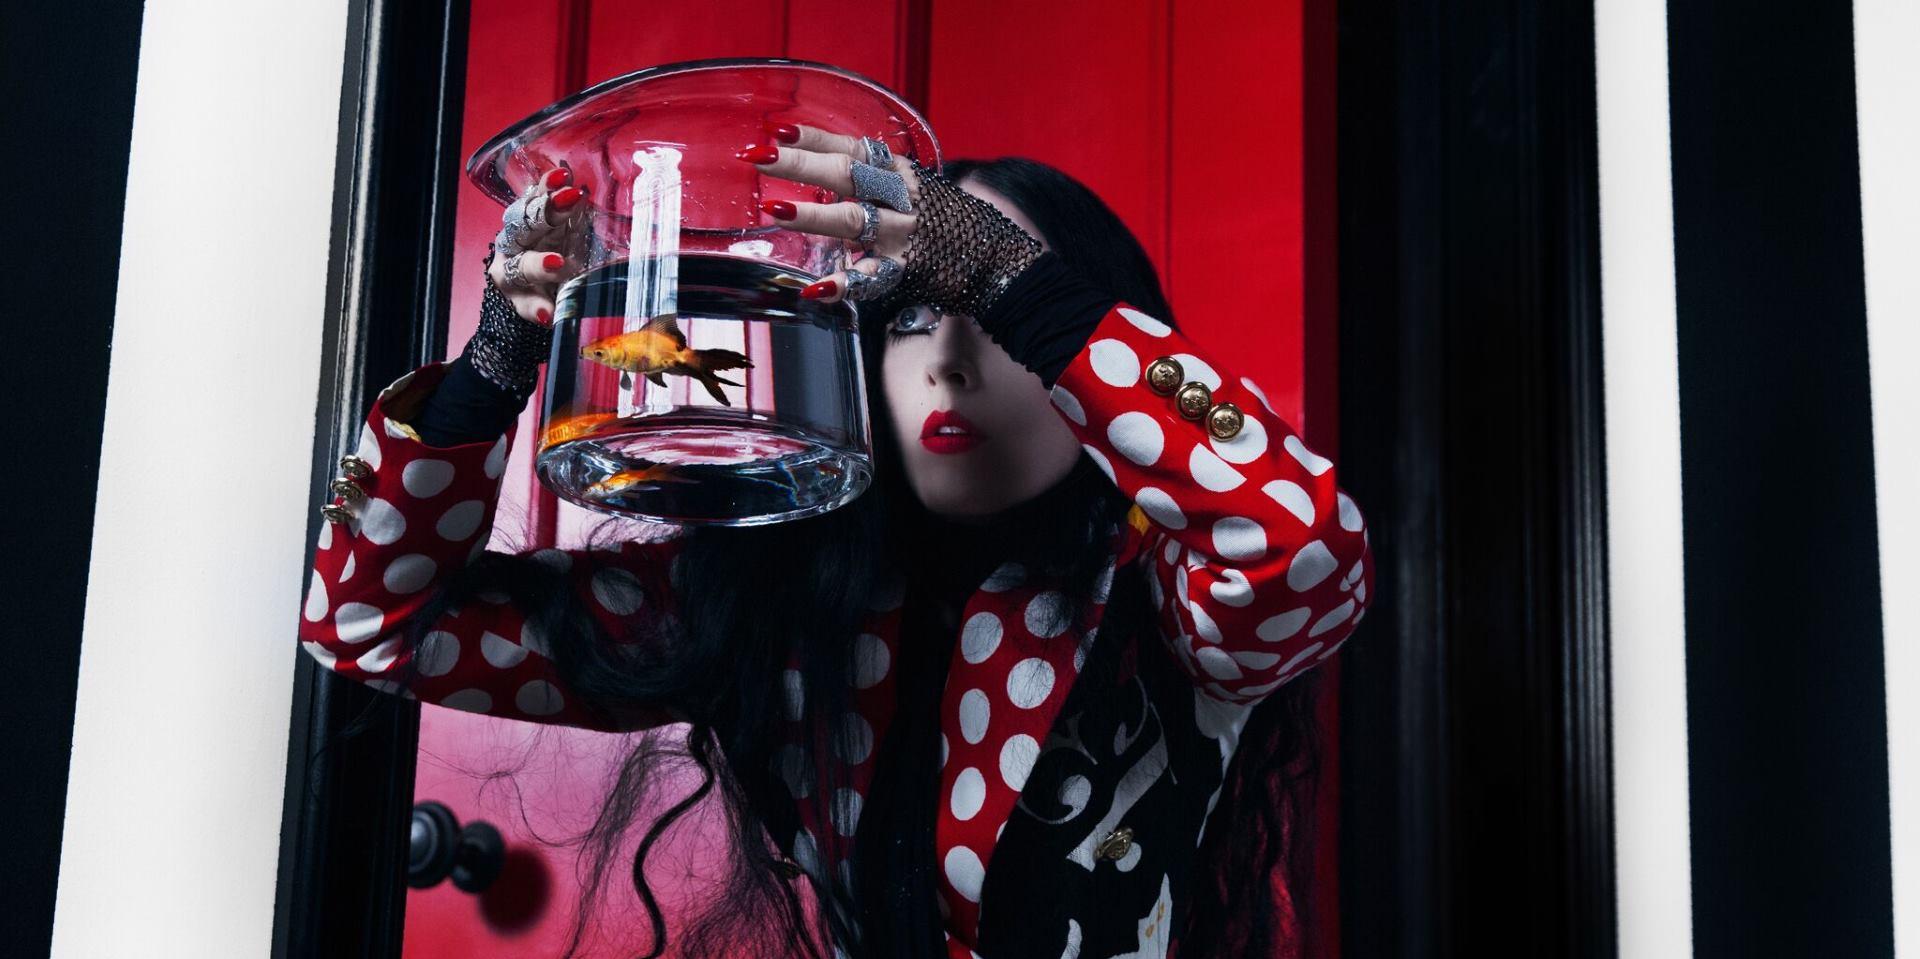 FOTO: Stilistica i dizajnerica kostima Bea Åkerlund poigrava se prihvaćanjem sebe